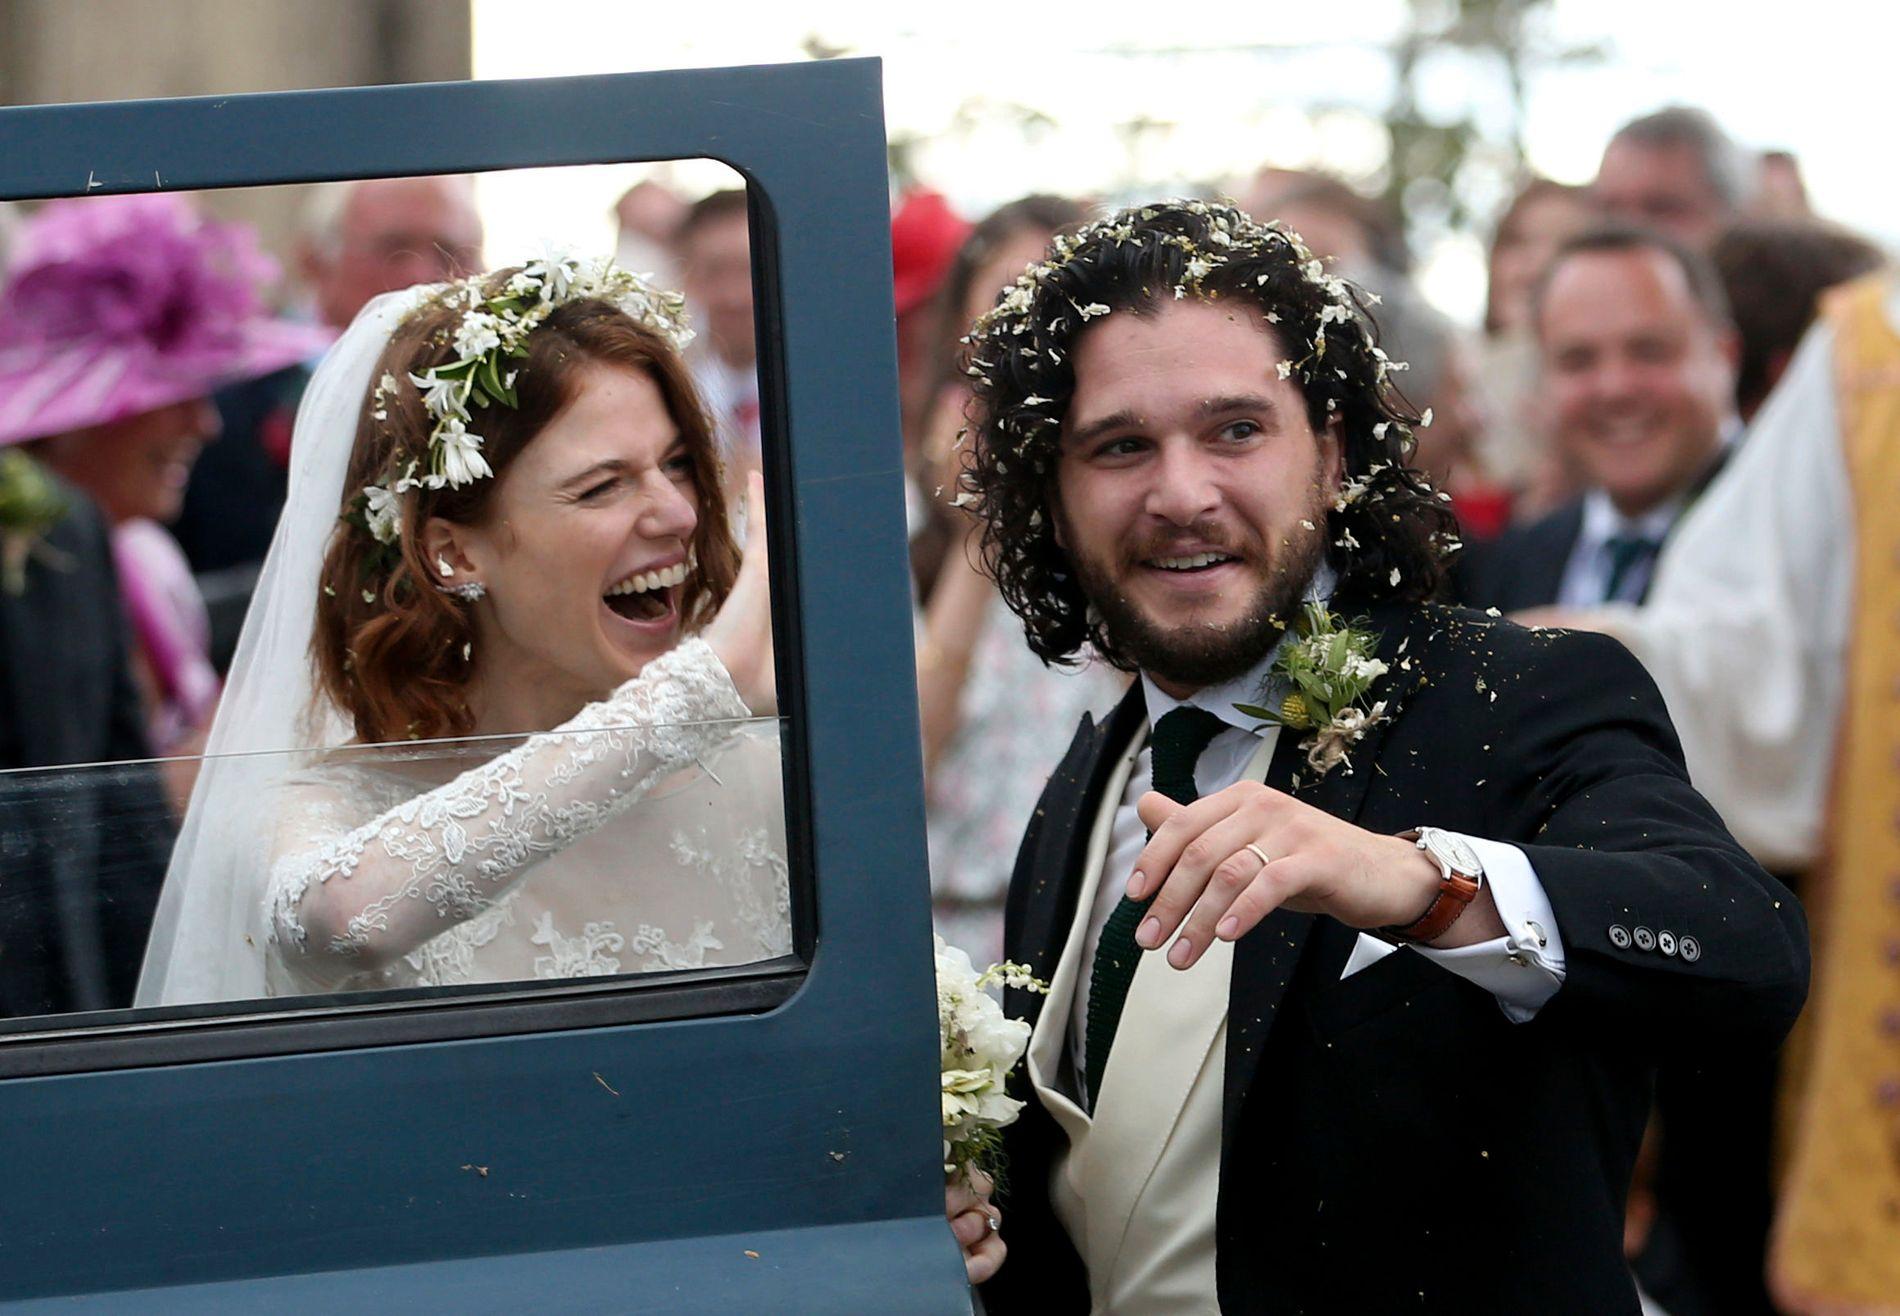 NYGIFT: Kit Harrington og Rose Leslie smilte bredt etter bryllupsseremonien i Skottland.